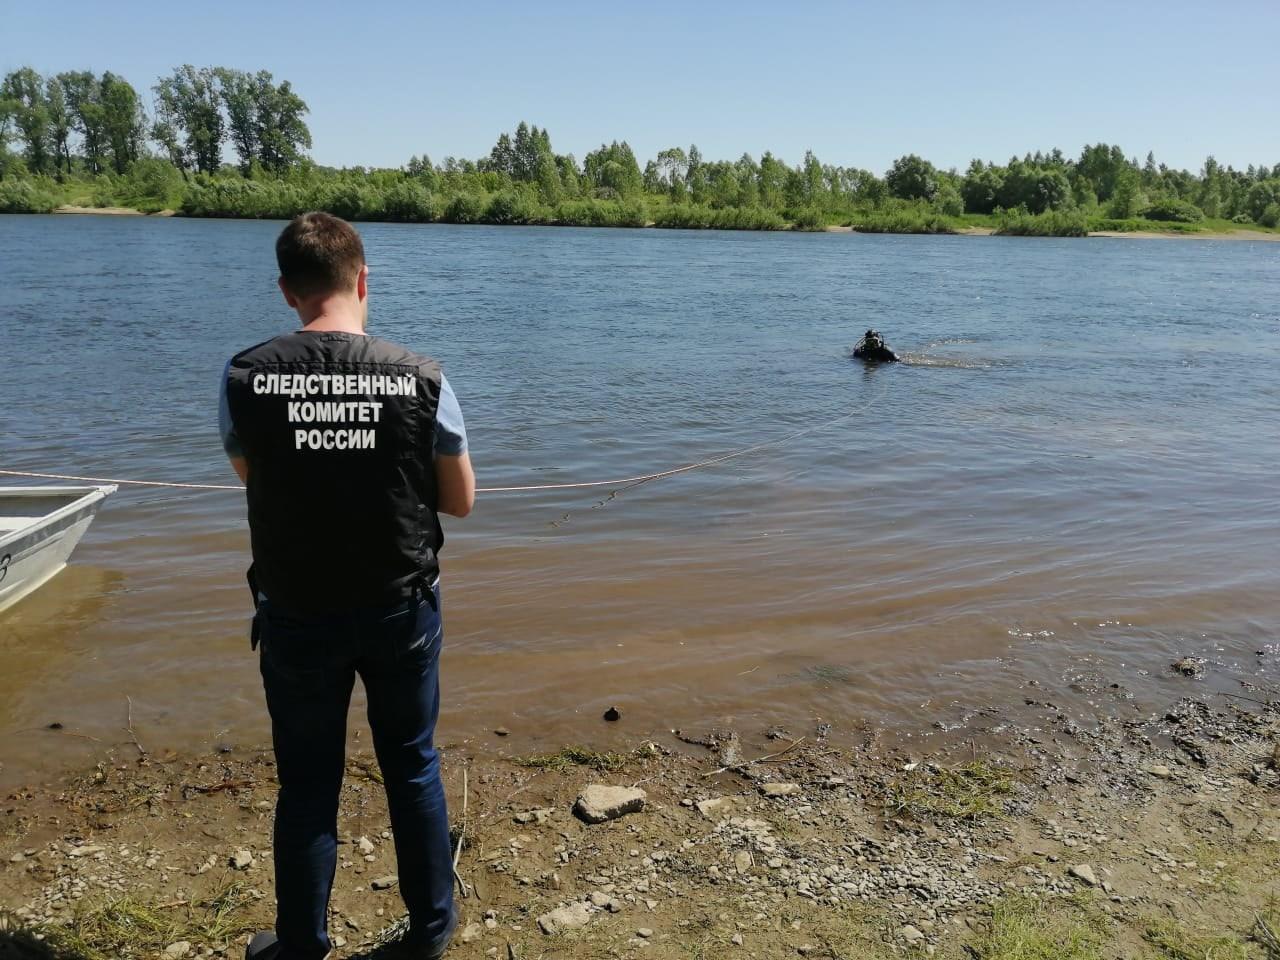 В заливе Тверской области утонул 7-летний мальчик